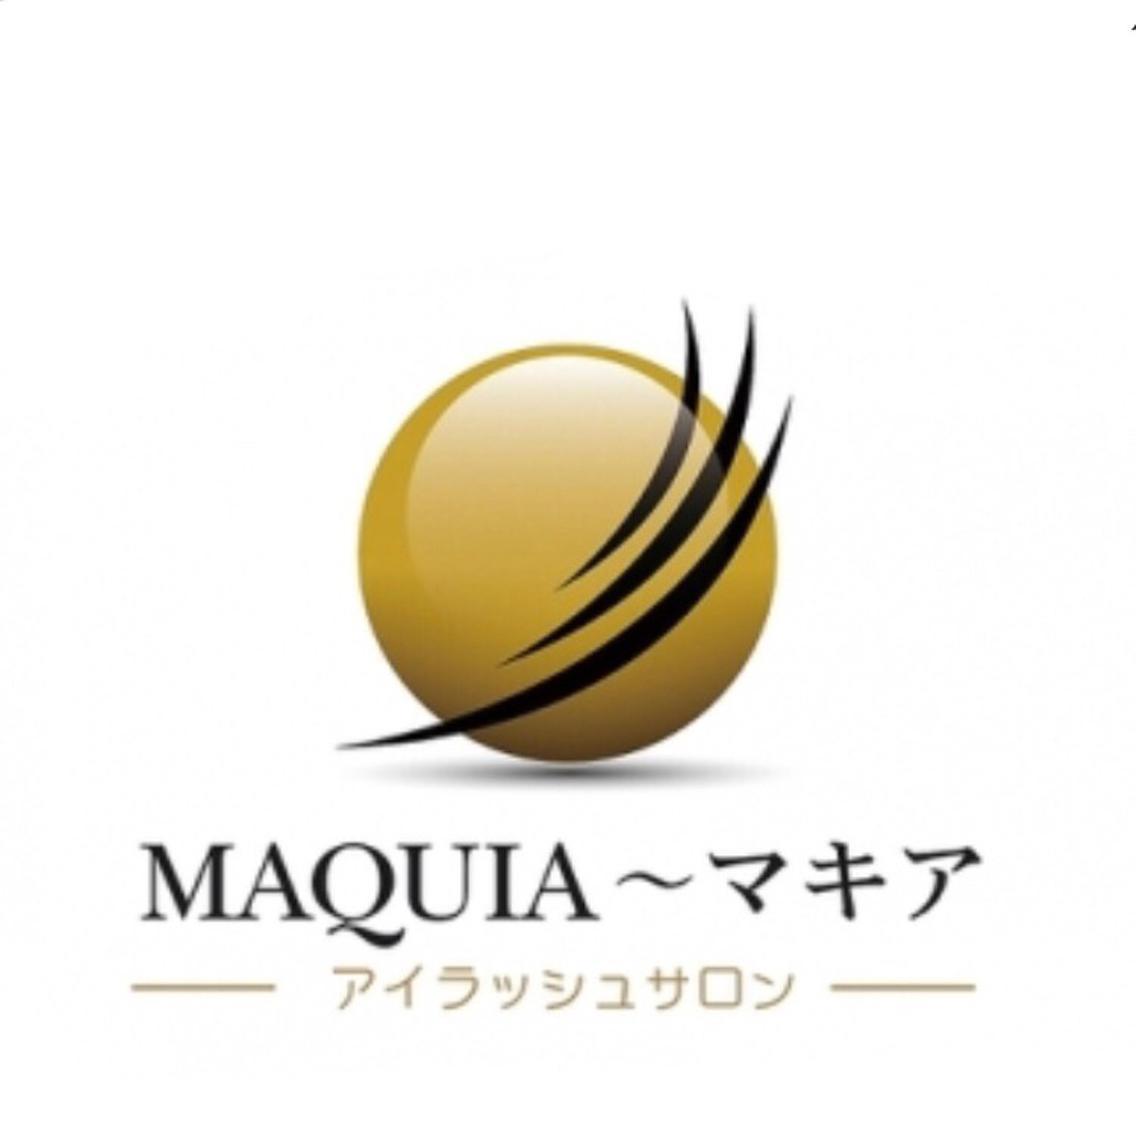 MAQUIA北千住所属・MAQUIA北千住店の掲載